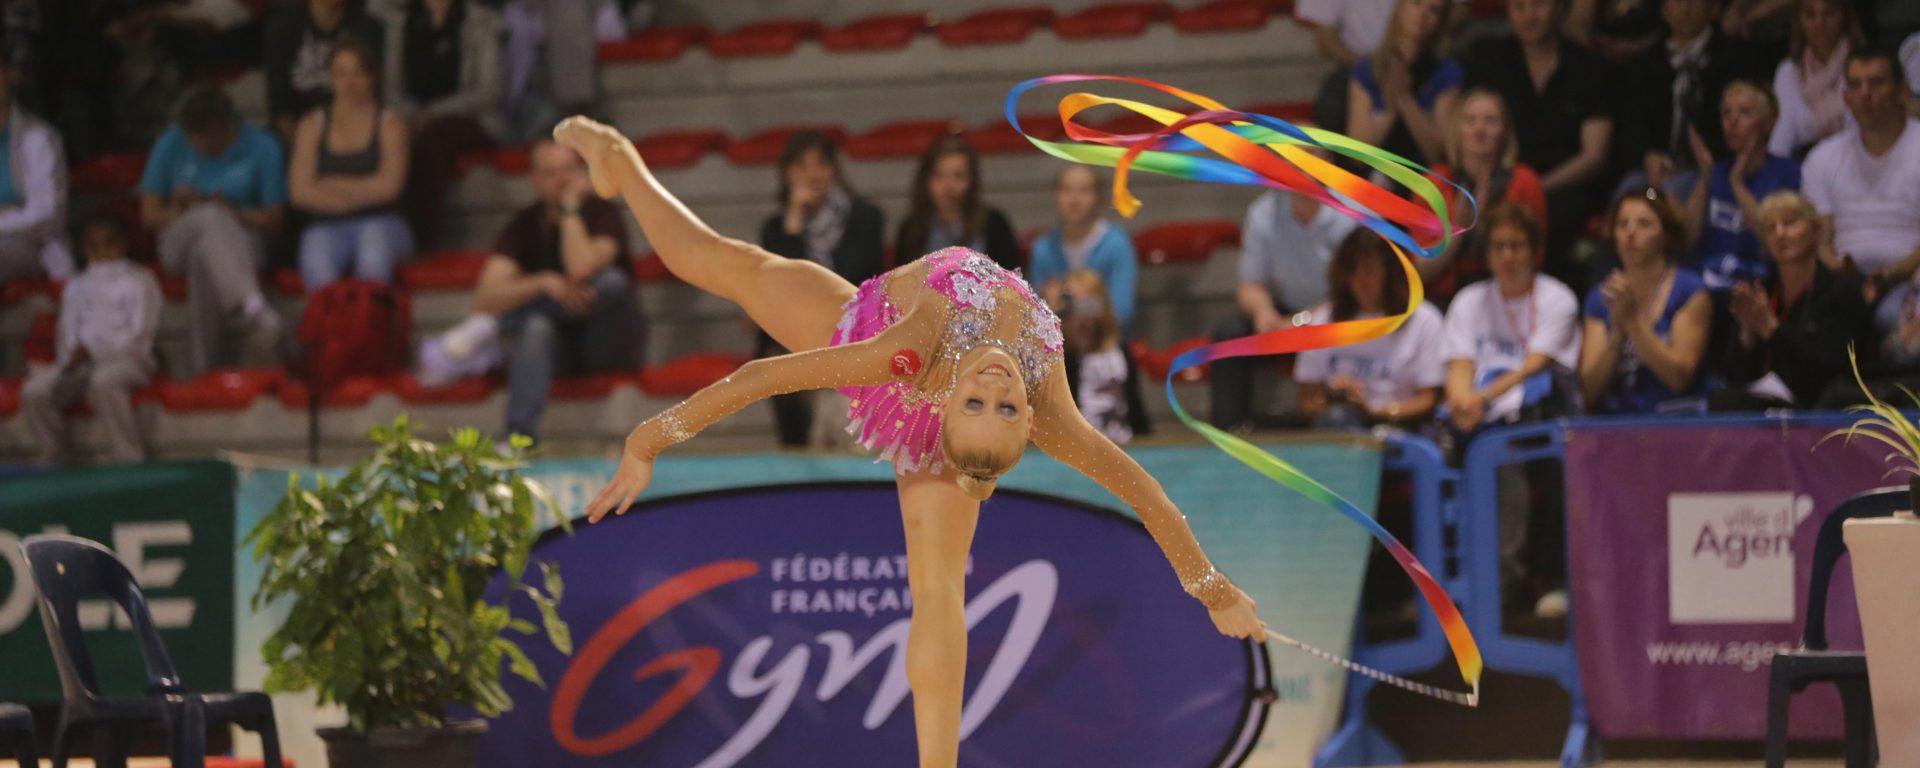 Gymnastique rythmique Ksenya Moustafaeva